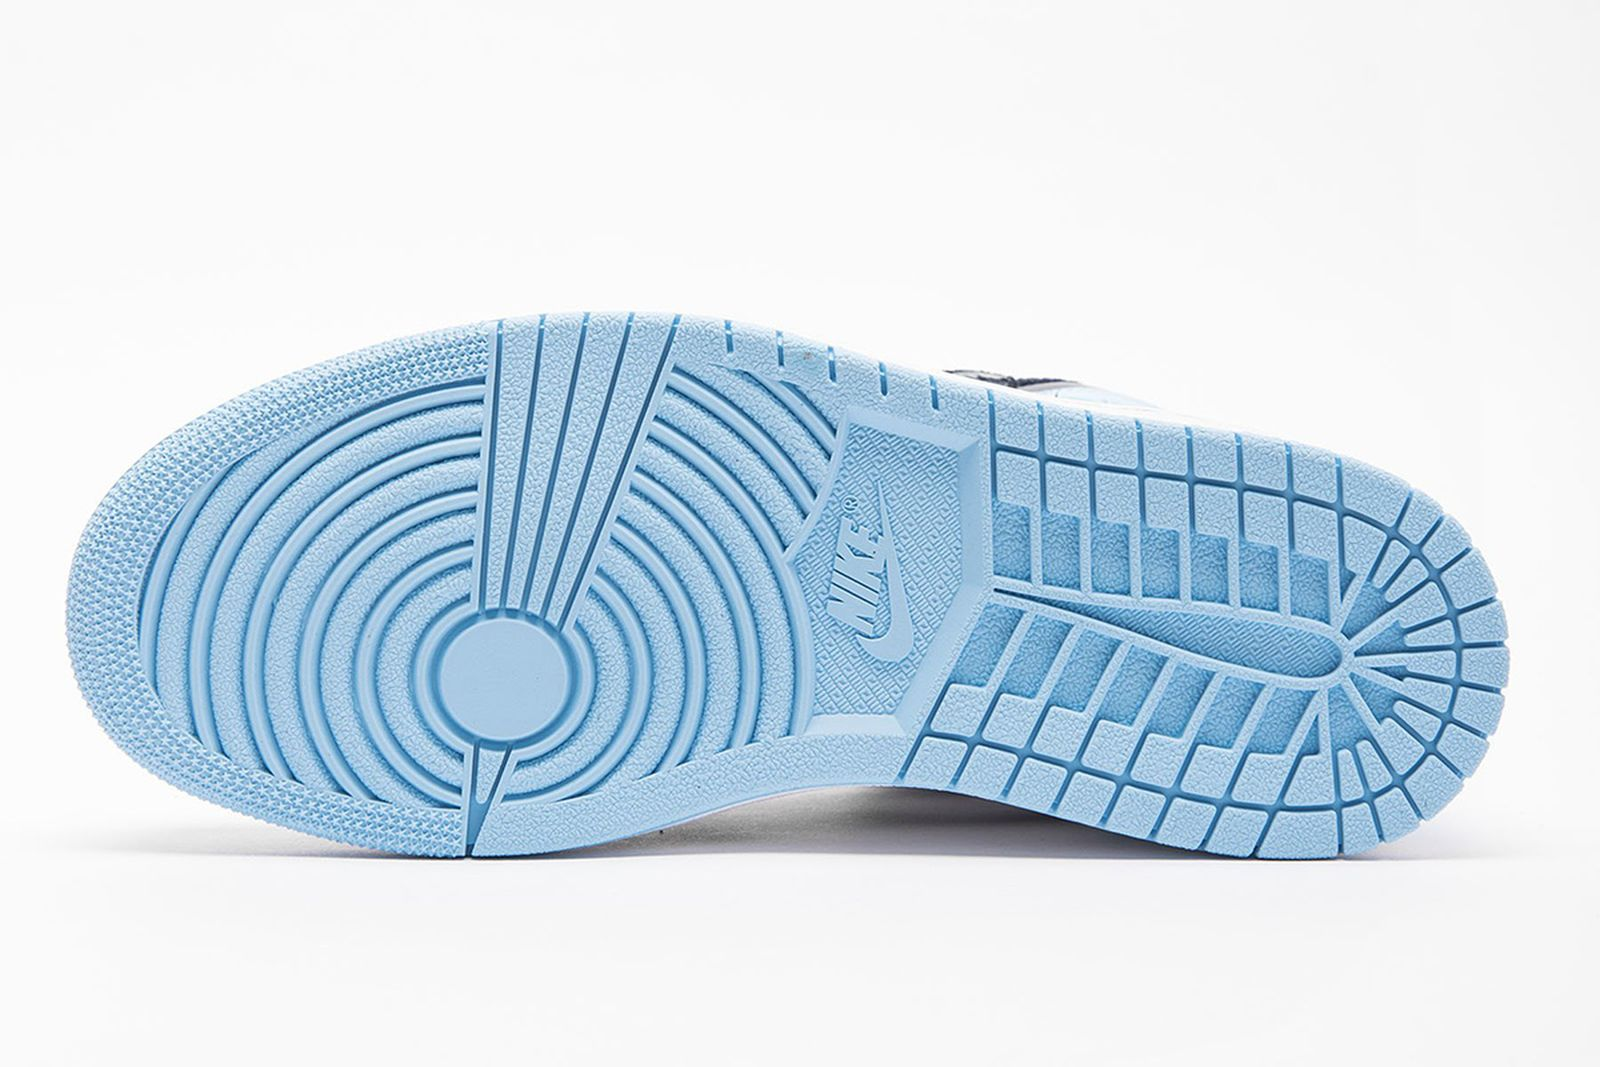 nike air jordan 1 unc patent leather release date price jordan brand